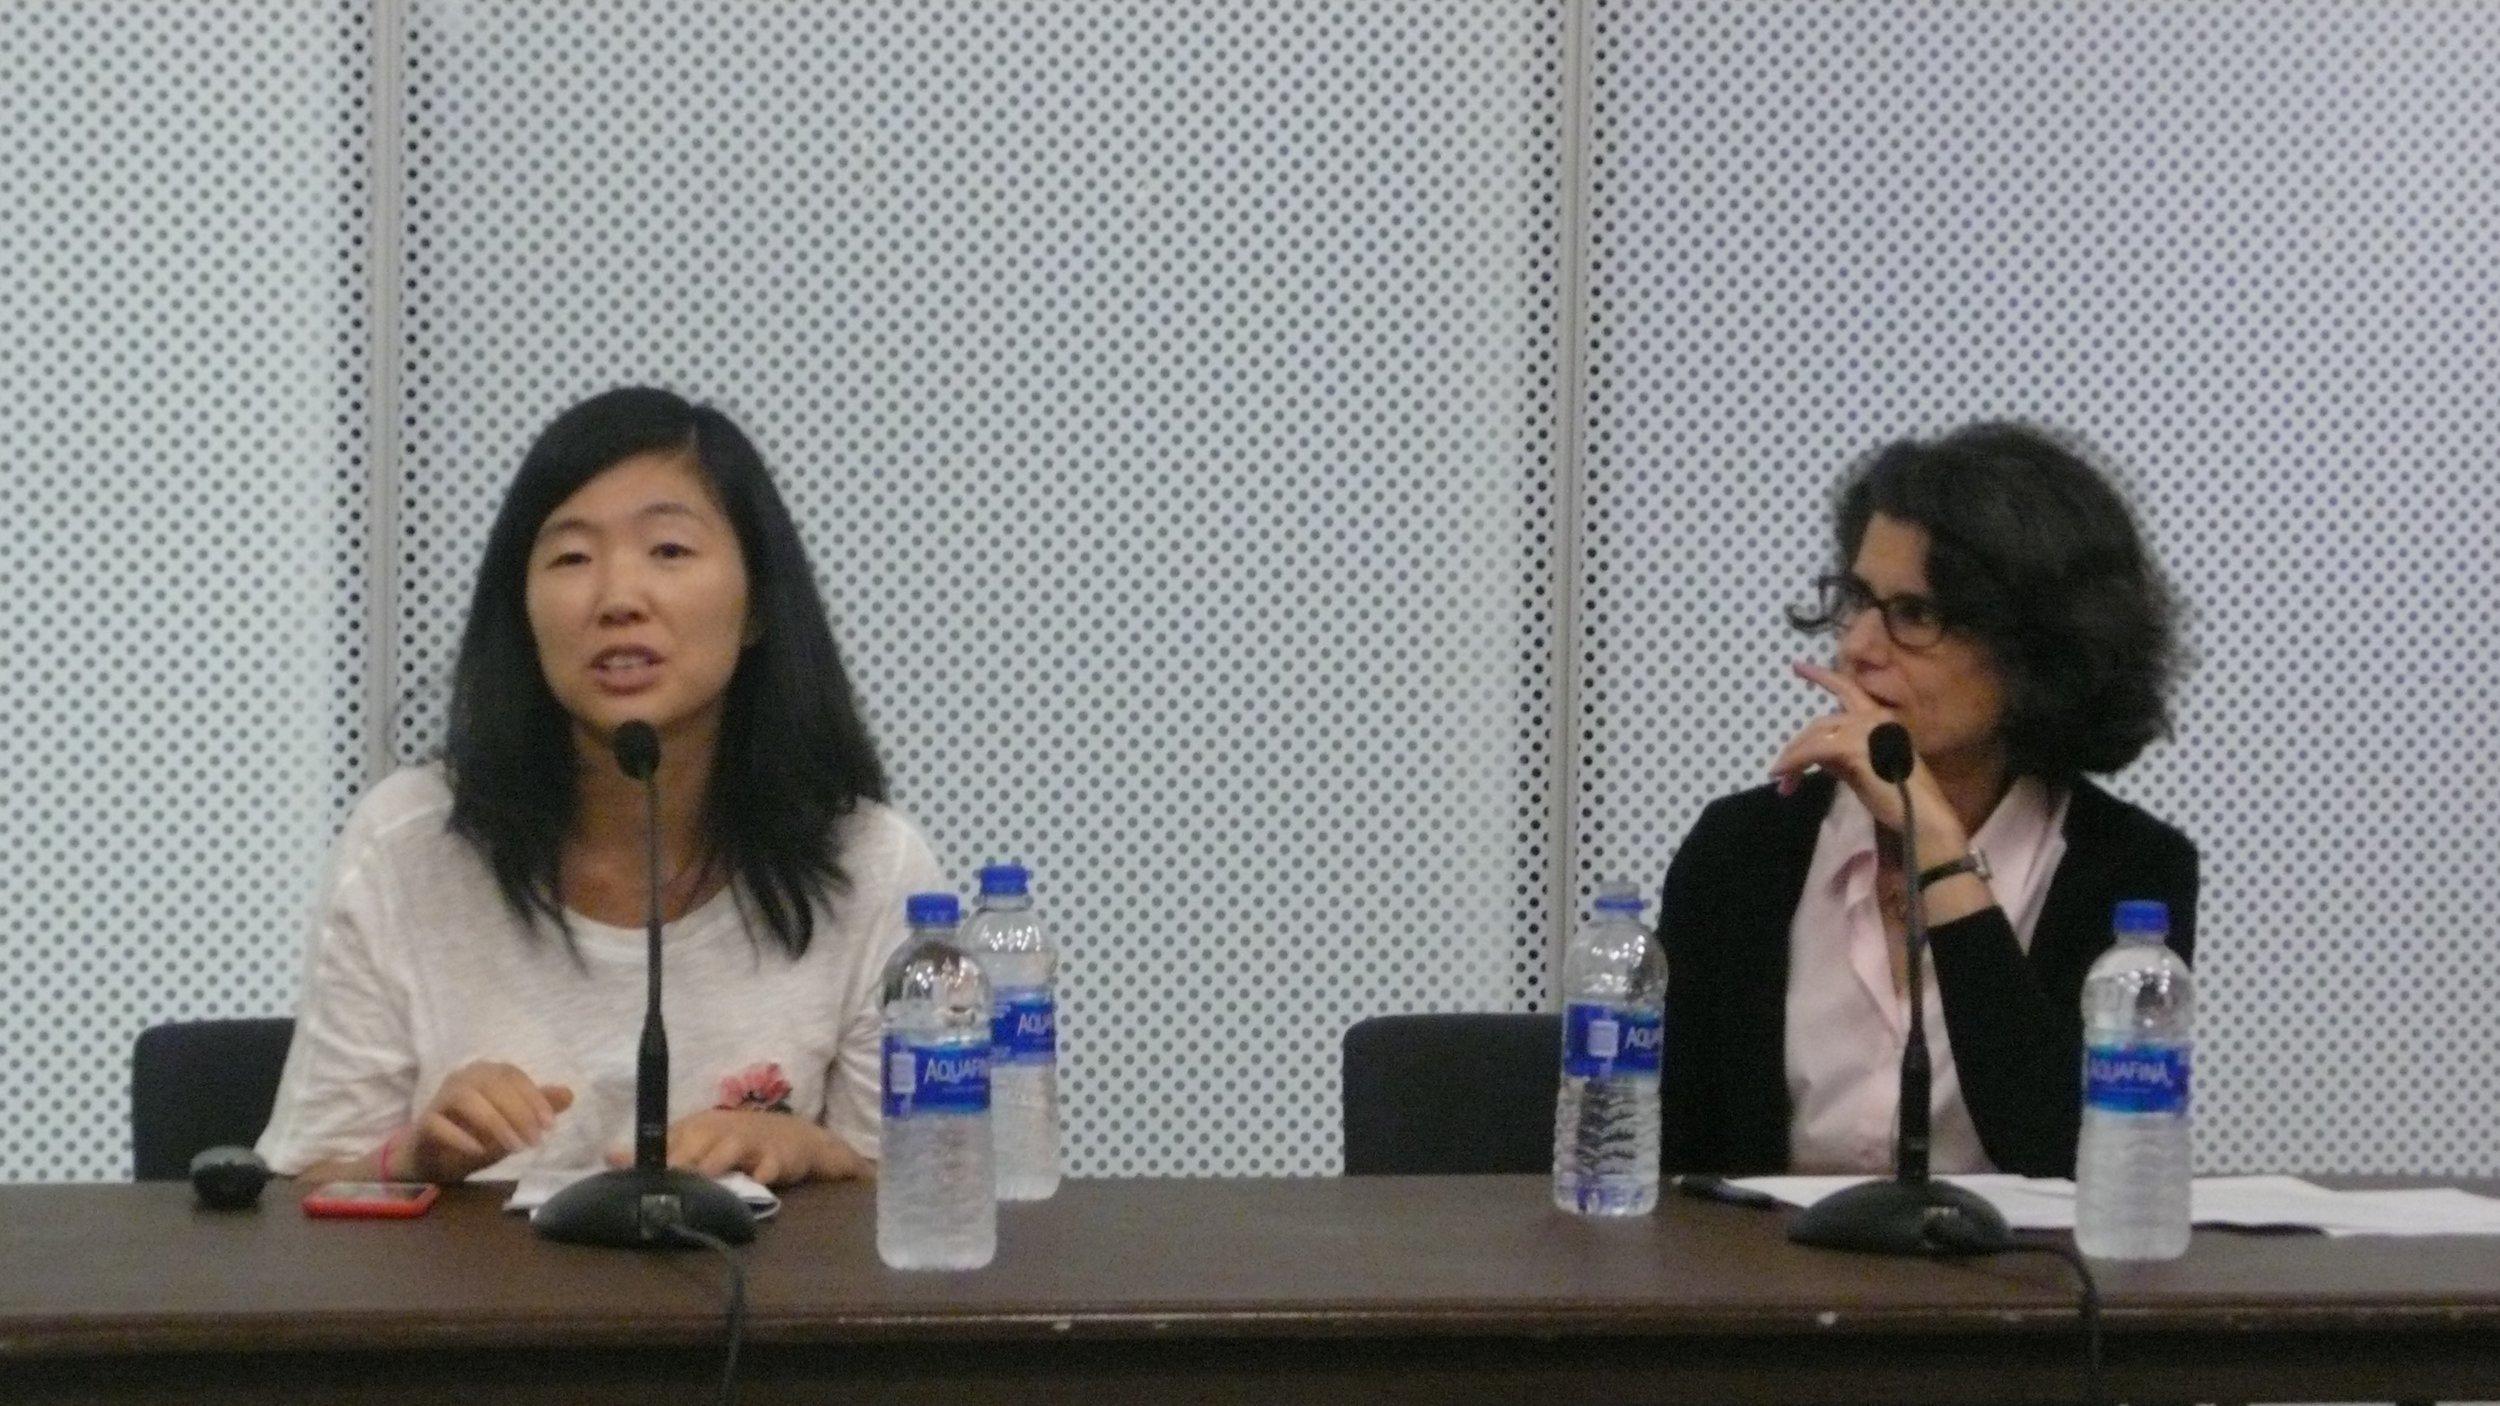 Bang Geu Han, Nancy Princenthal_The Un-Heroic Act_Symposium_Oct. 3 2018_2. Photo Jerzy Warman